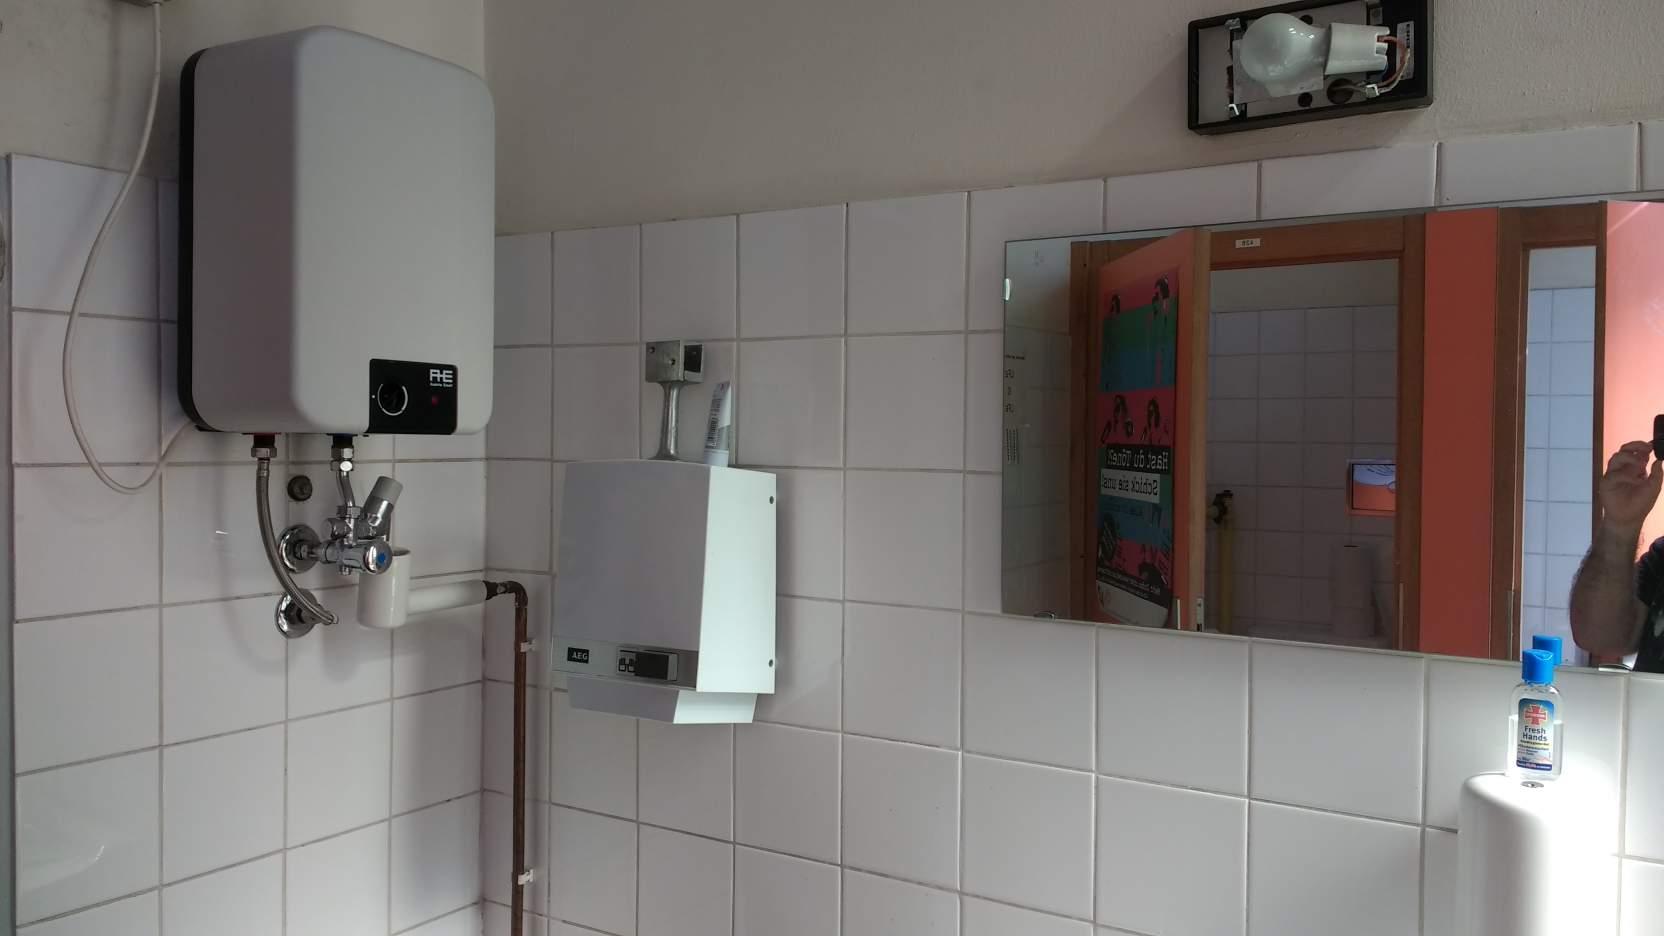 Das Klo der ÖH-Bundesvertretung. Zu sehen sit vor allem ein Wasserboiler, ein Spiegel in dem eine Hand mit Handy zu sehen ist, im Hintergrund zwei offene orange Klotüren